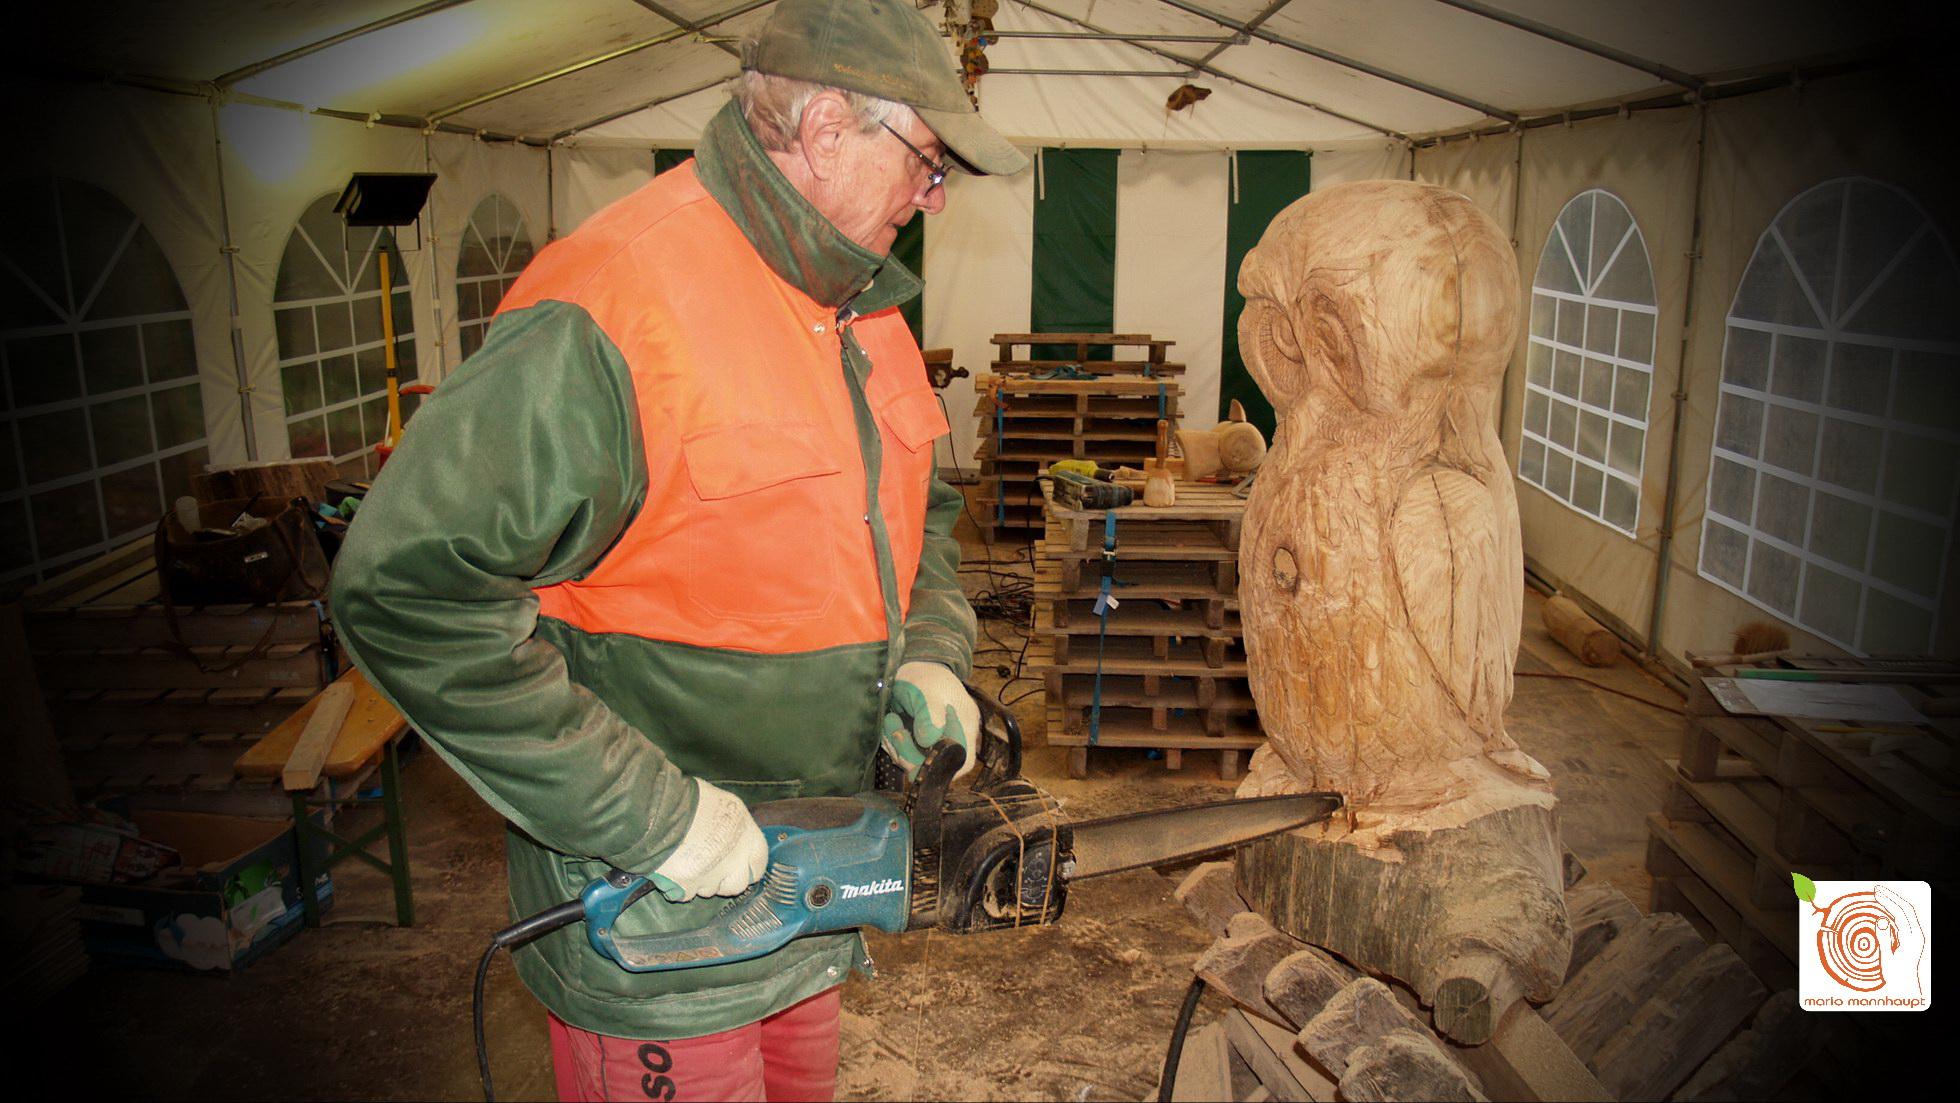 Carving mit der Kettensäge lernen